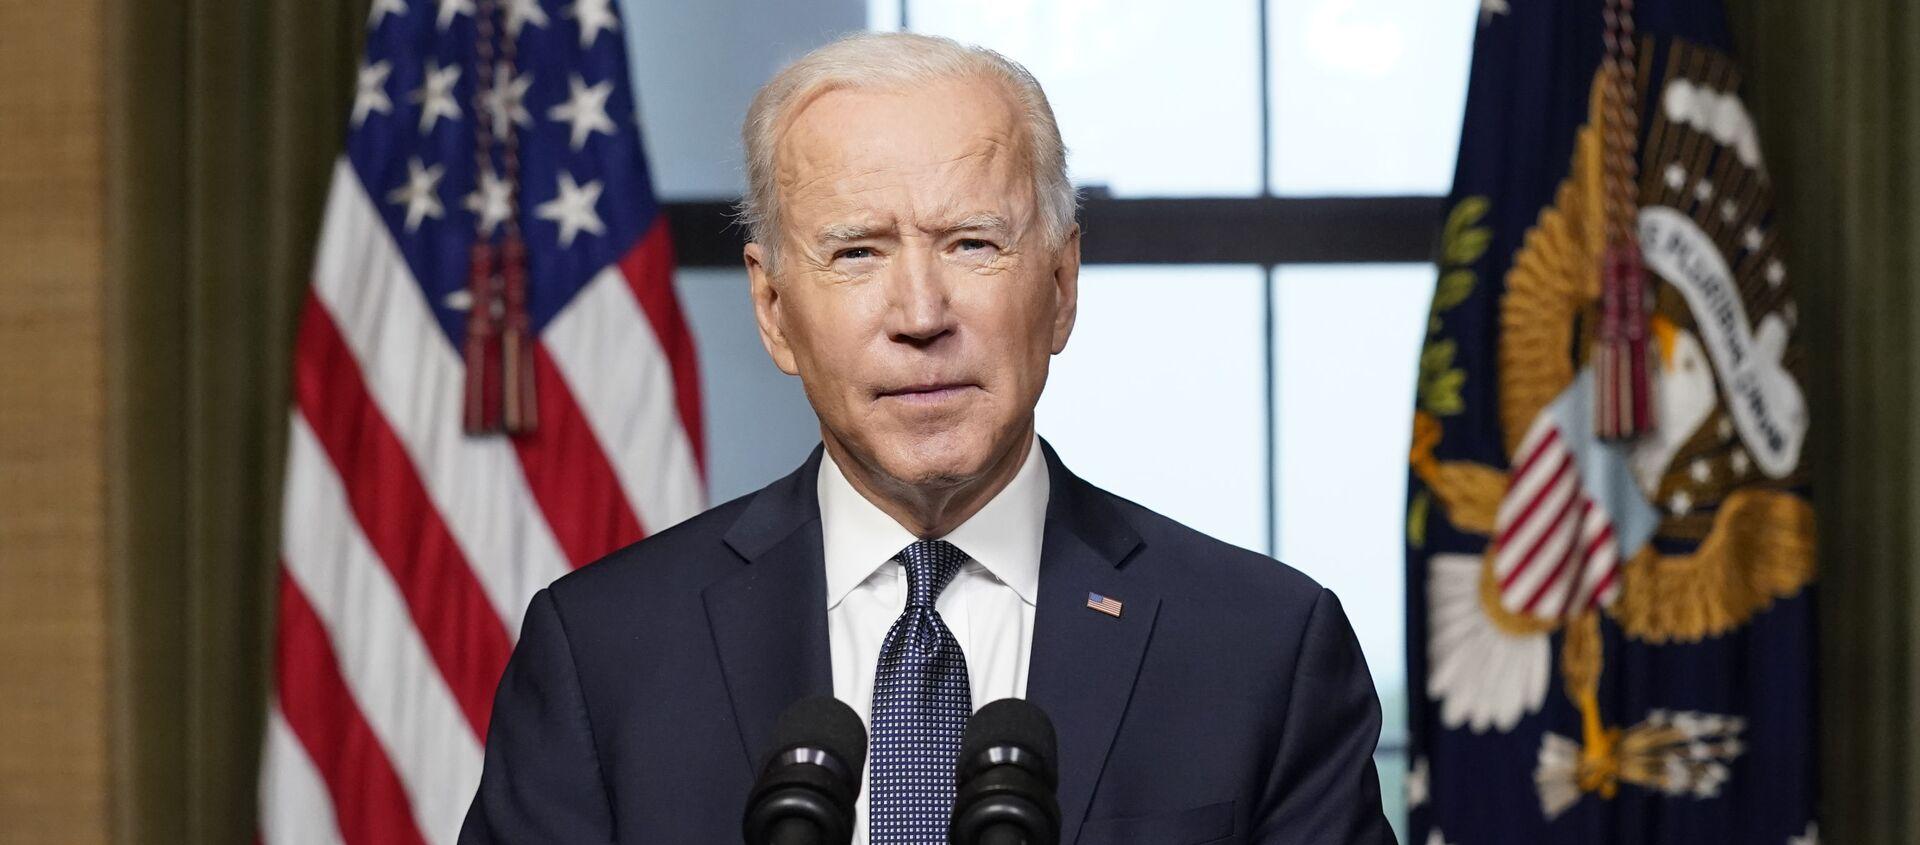 Tổng thống Joe Biden phát biểu từ Phòng Hiệp ước ở Nhà Trắng vào Thứ Tư, ngày 14 tháng 4 năm 2021, về việc rút phần còn lại của Hoa Kỳ. quân đội từ Afghanistan. - Sputnik Việt Nam, 1920, 15.04.2021